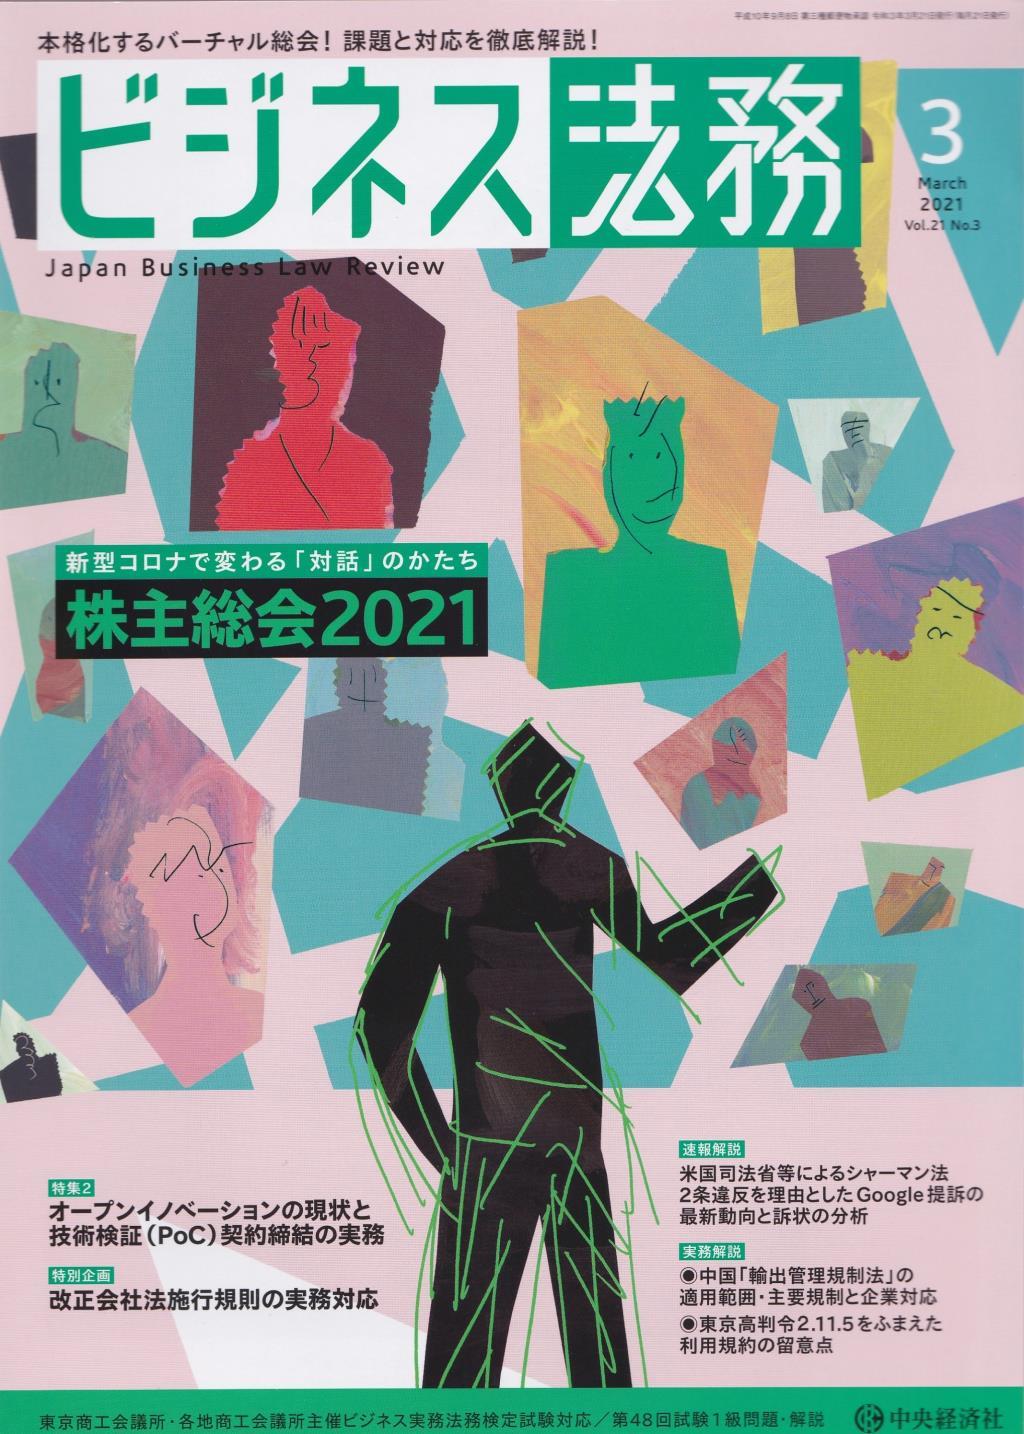 ビジネス法務 2021/3 Vol.21 No.3